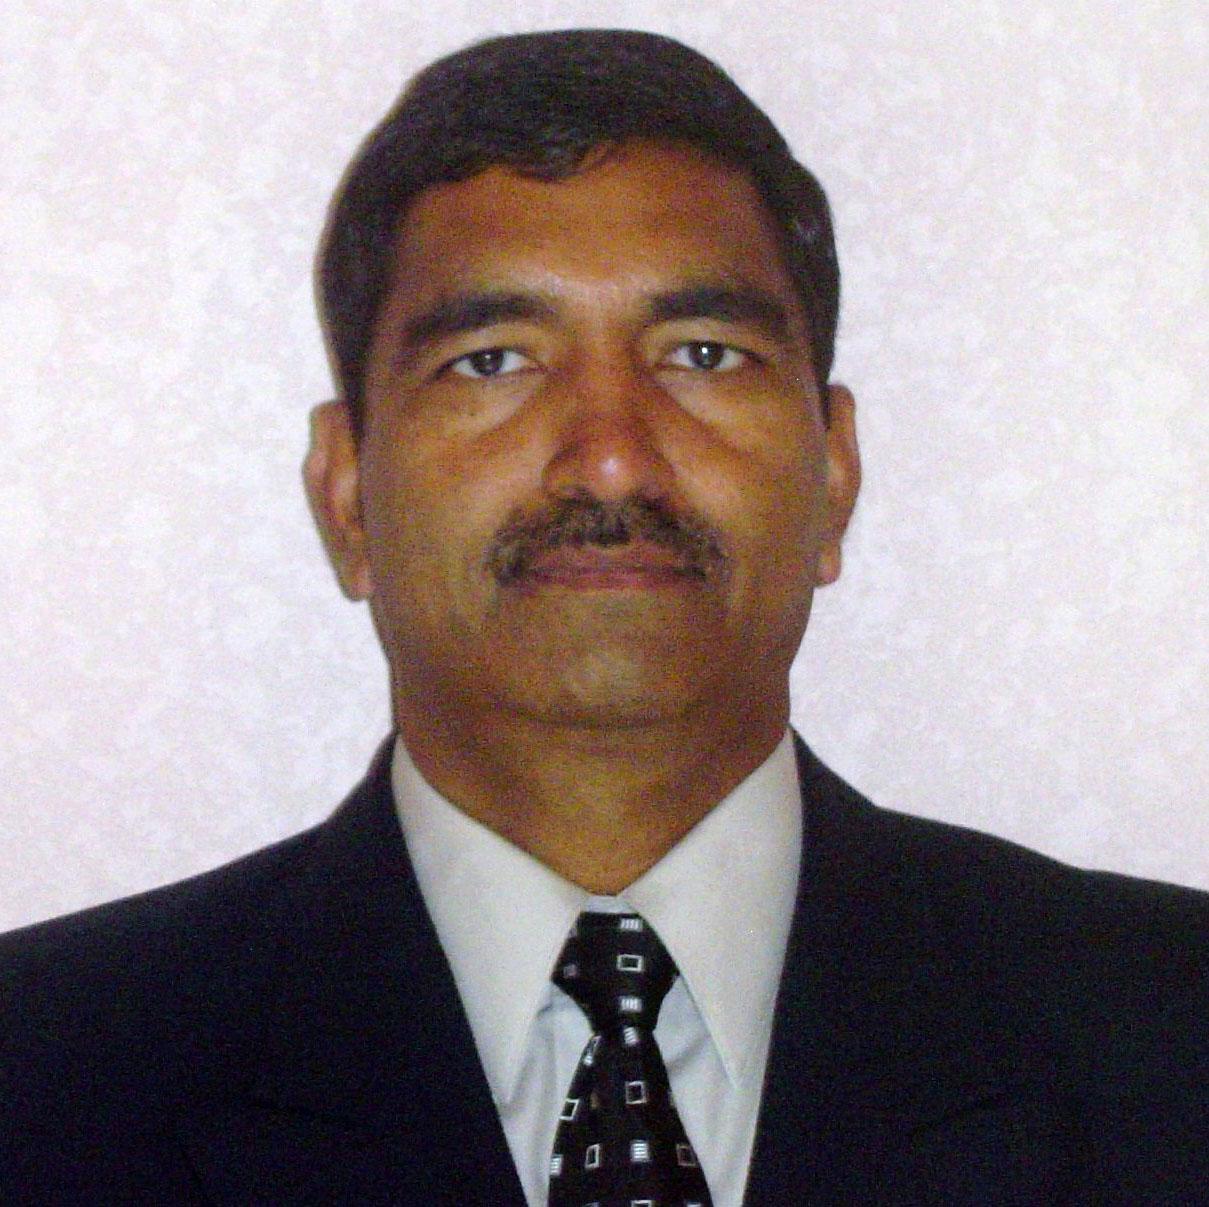 Radhey Shyam Kaushik